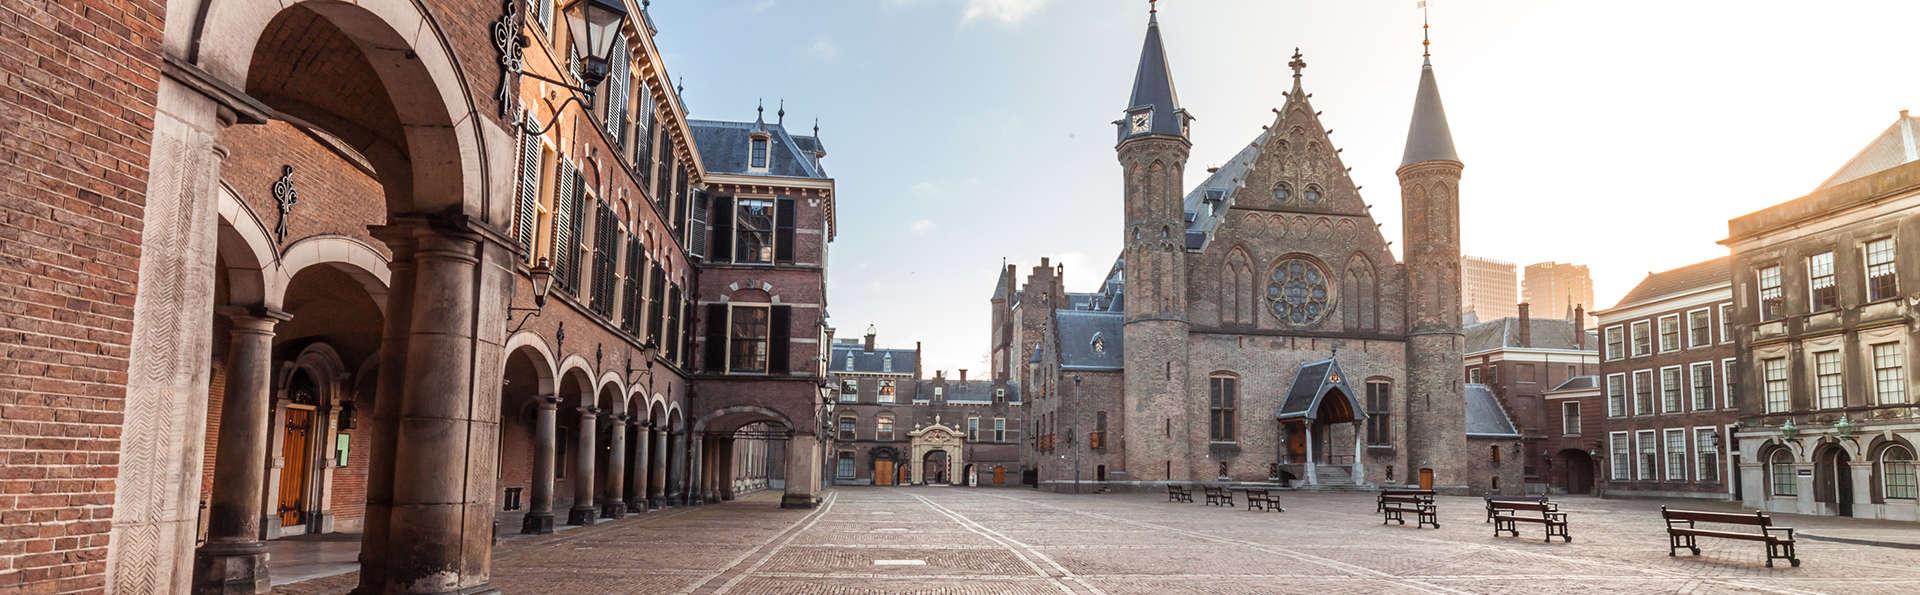 Profitez d'un confort ultime et découvrez les secrets de La Haye